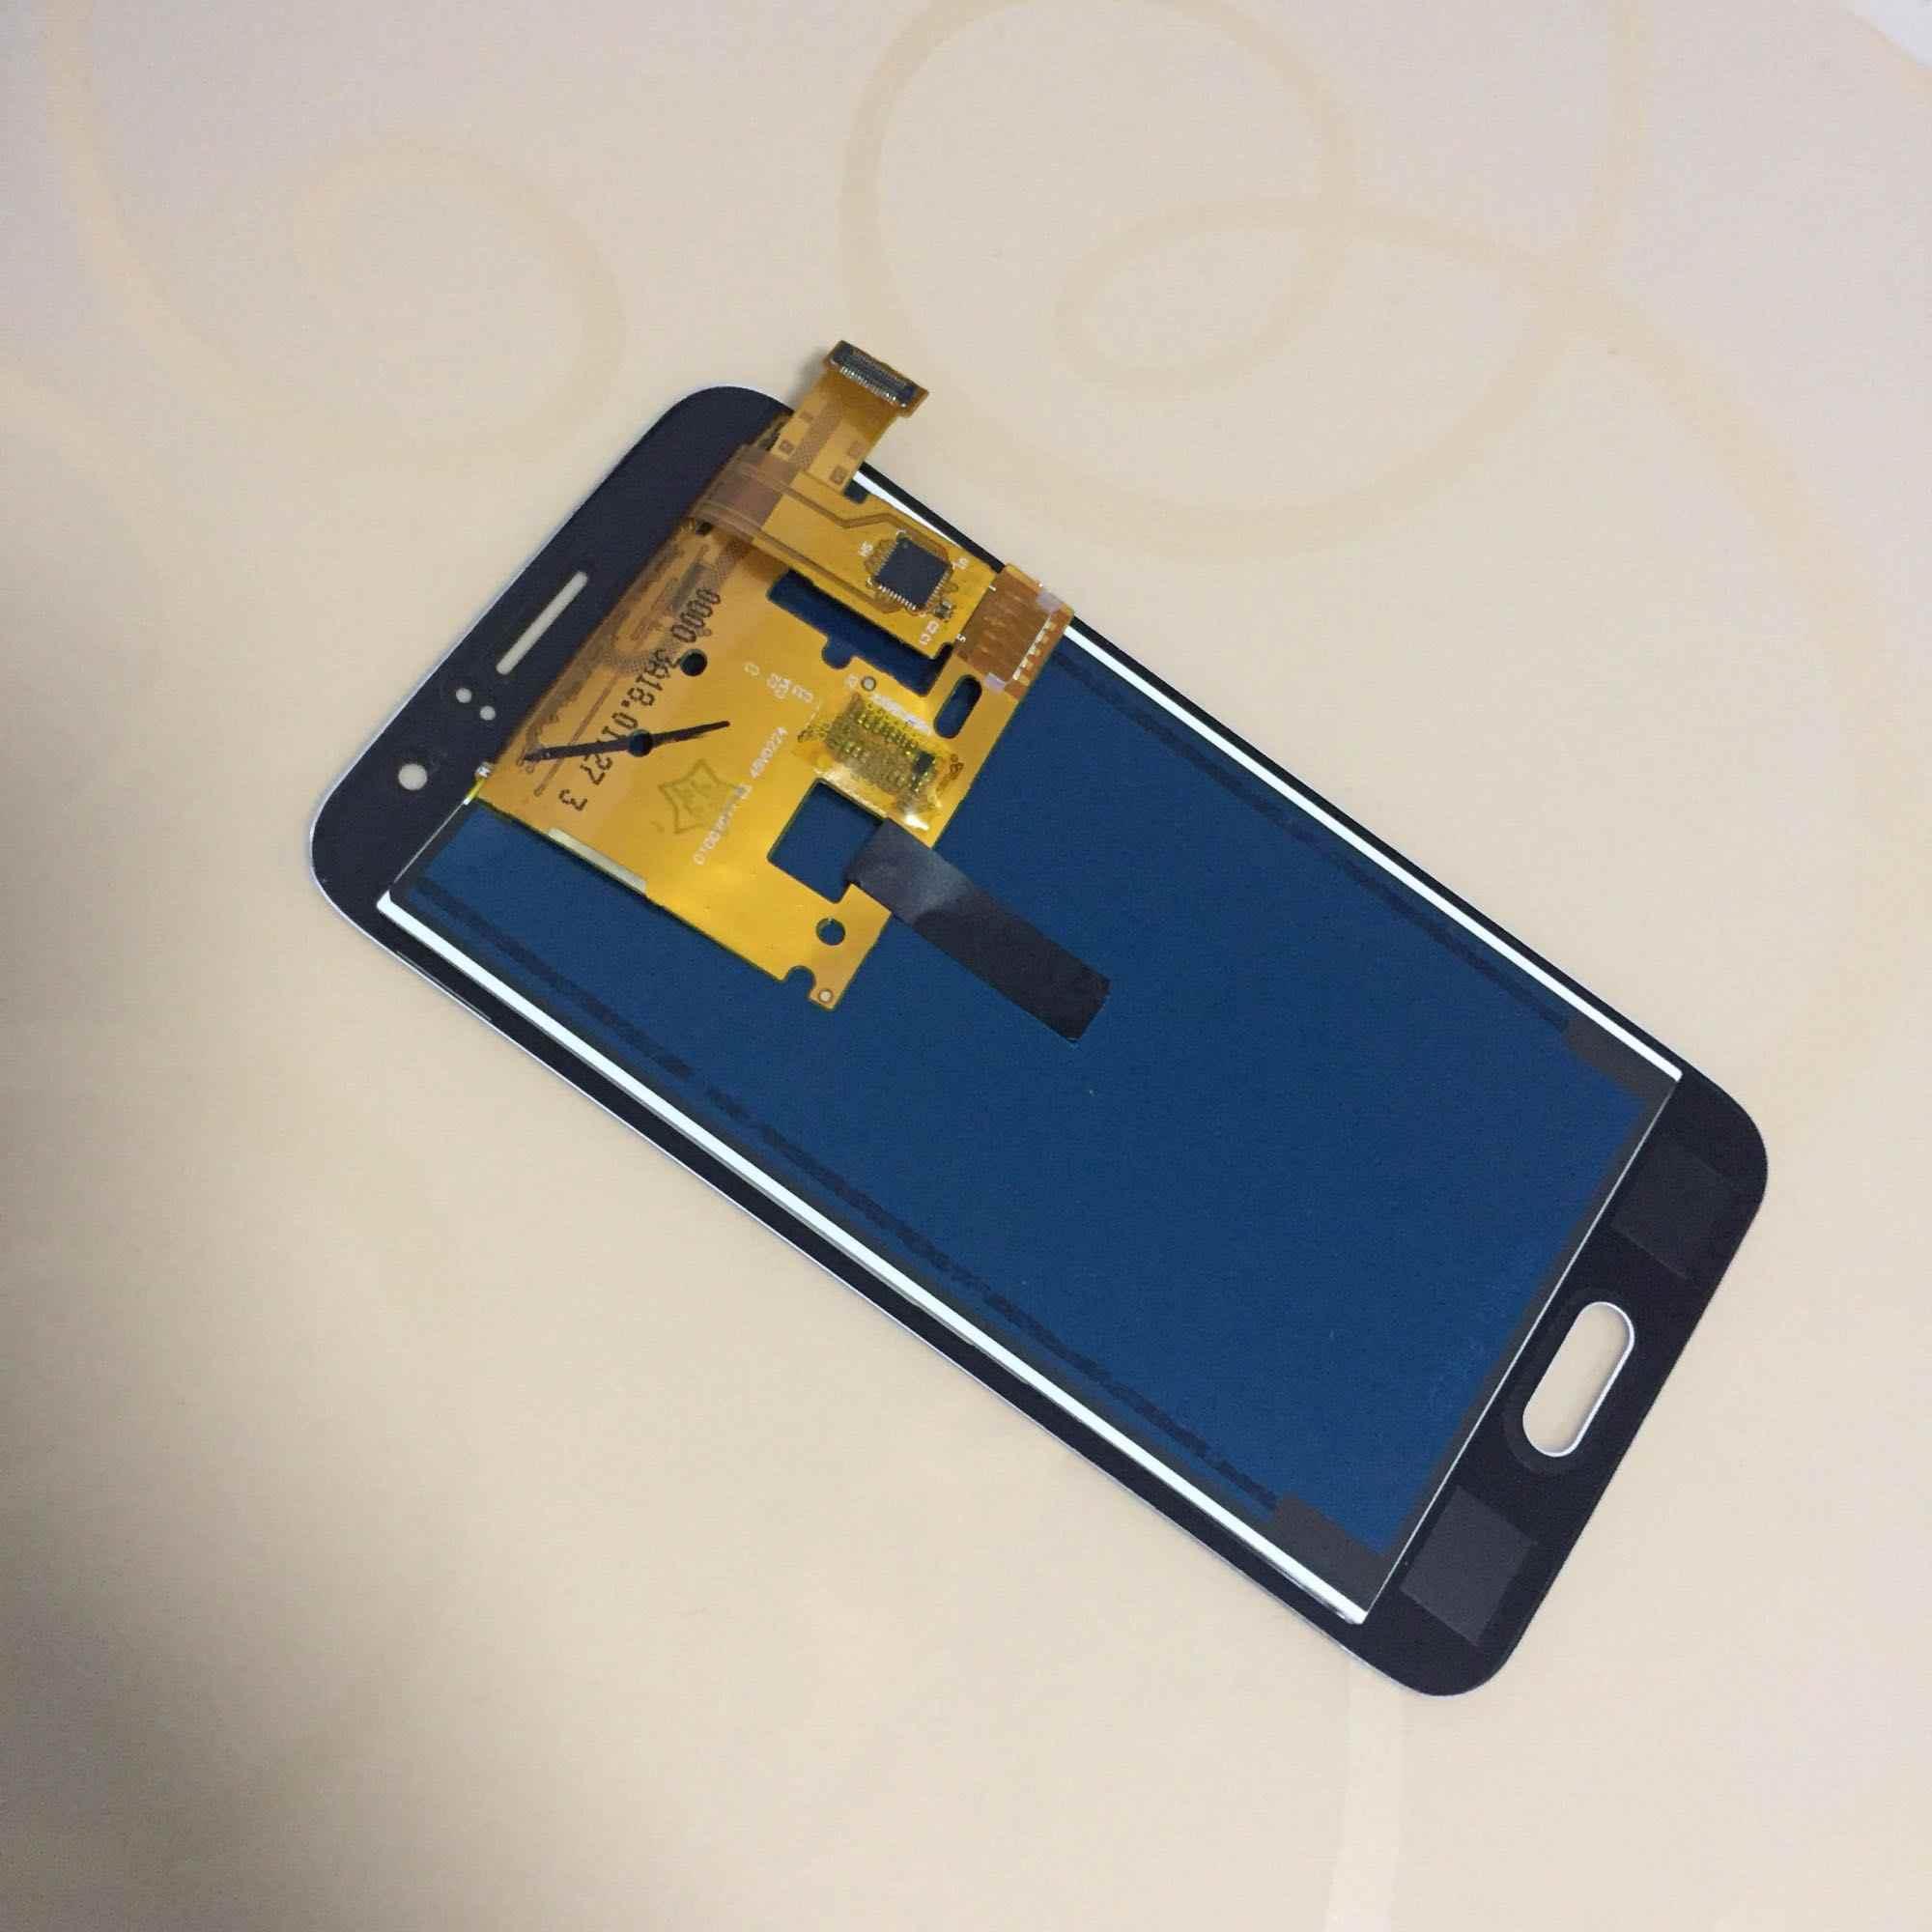 """4.3 """"يمكن تعديل سطوع لسامسونج ل غالاكسي J1 J120 J120F J120M J120H اللمس شاشة + شاشة الكريستال السائل الجمعية + أدوات مجانية"""